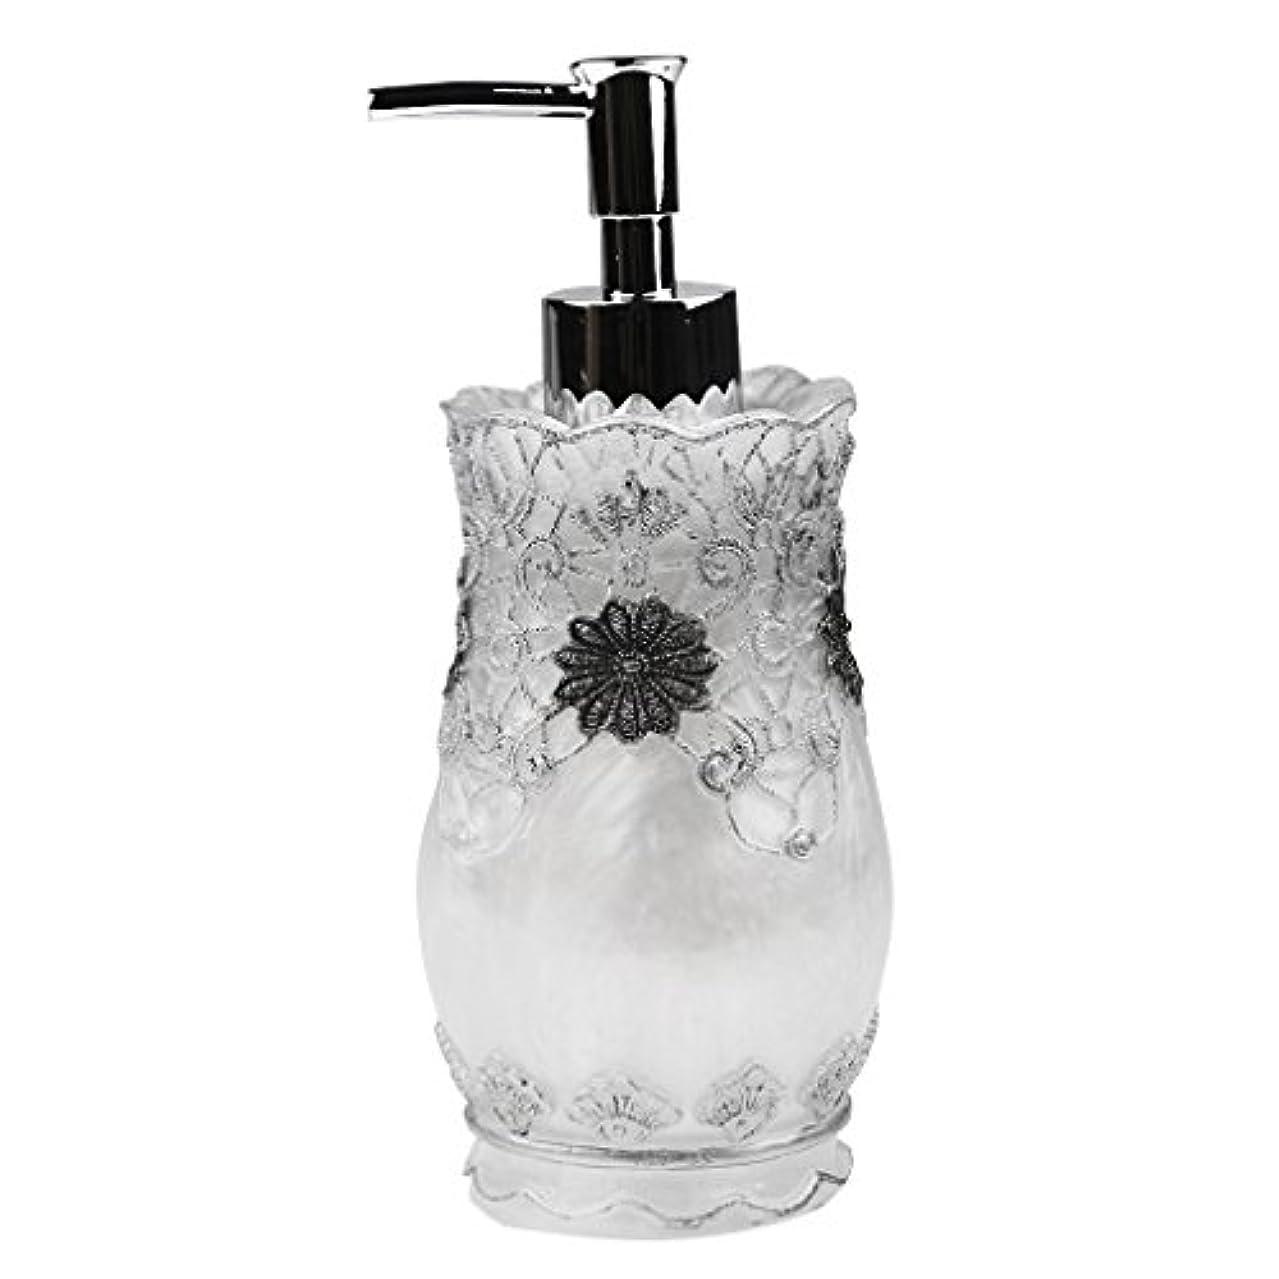 自動化サージあいまいシャンプー ボディークレンザー 液体石鹸などローション適用 詰め替え 樹脂 空 ポンプ瓶 全4種類 - #2